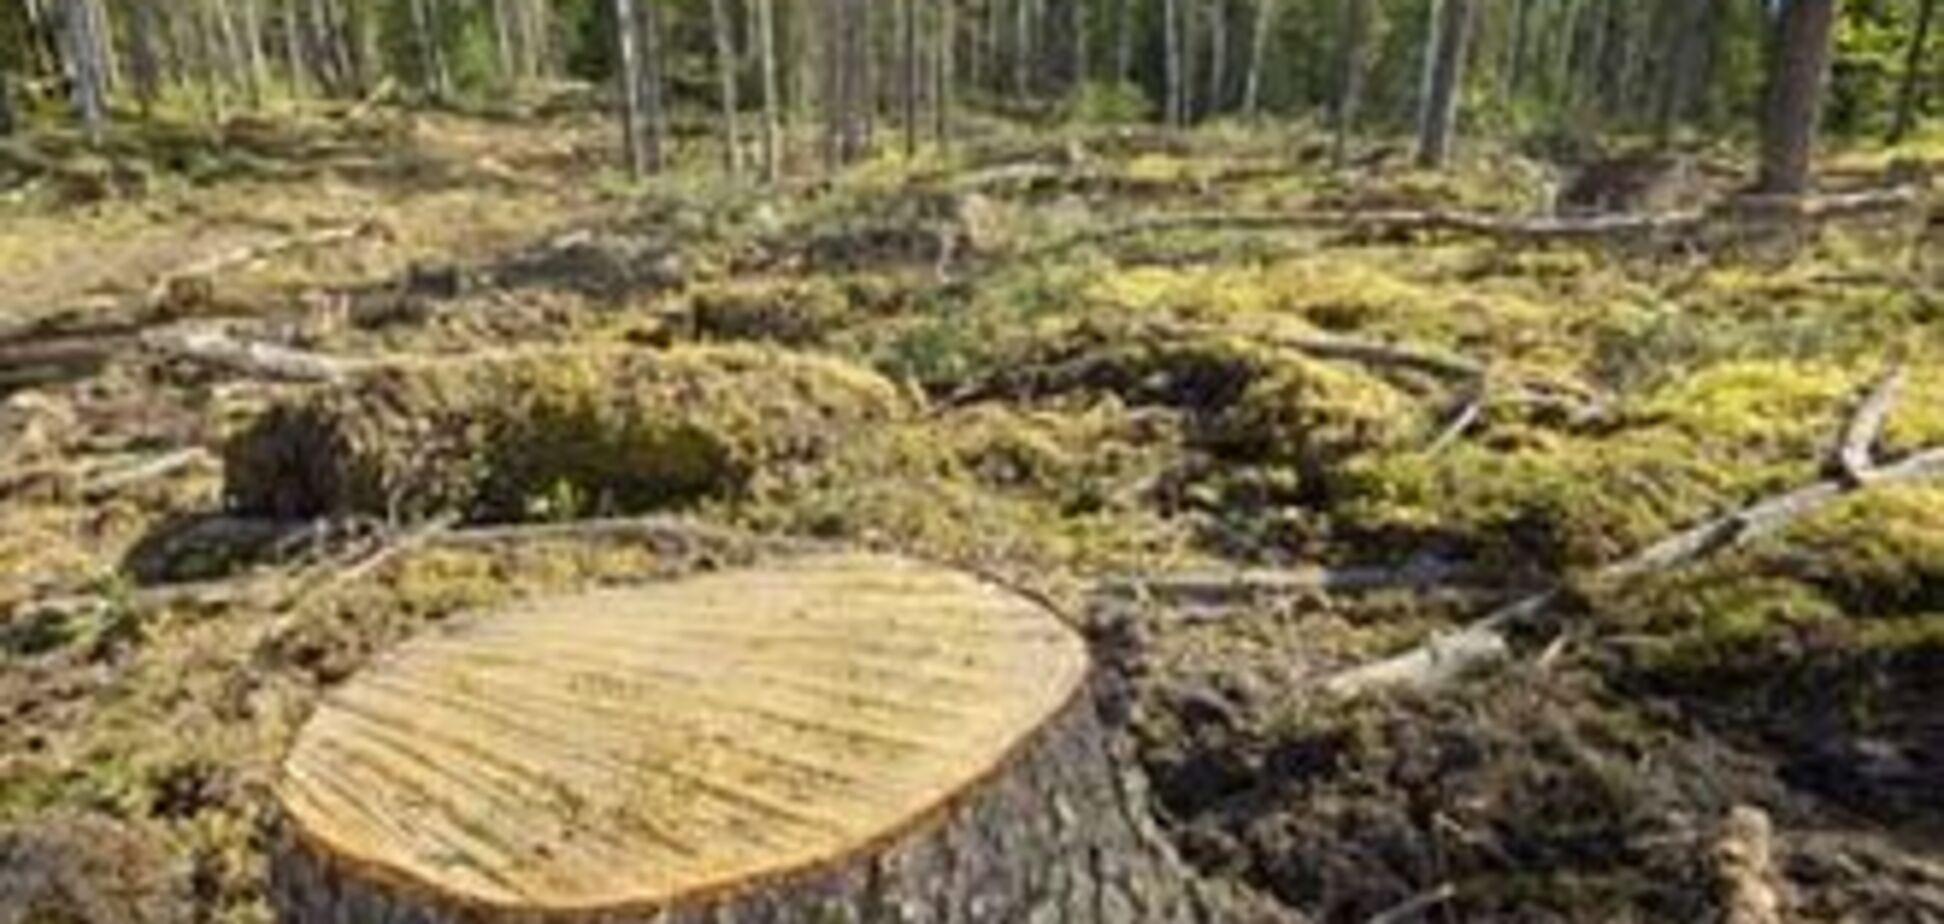 Європу захлеснув потік нелегальної деревини